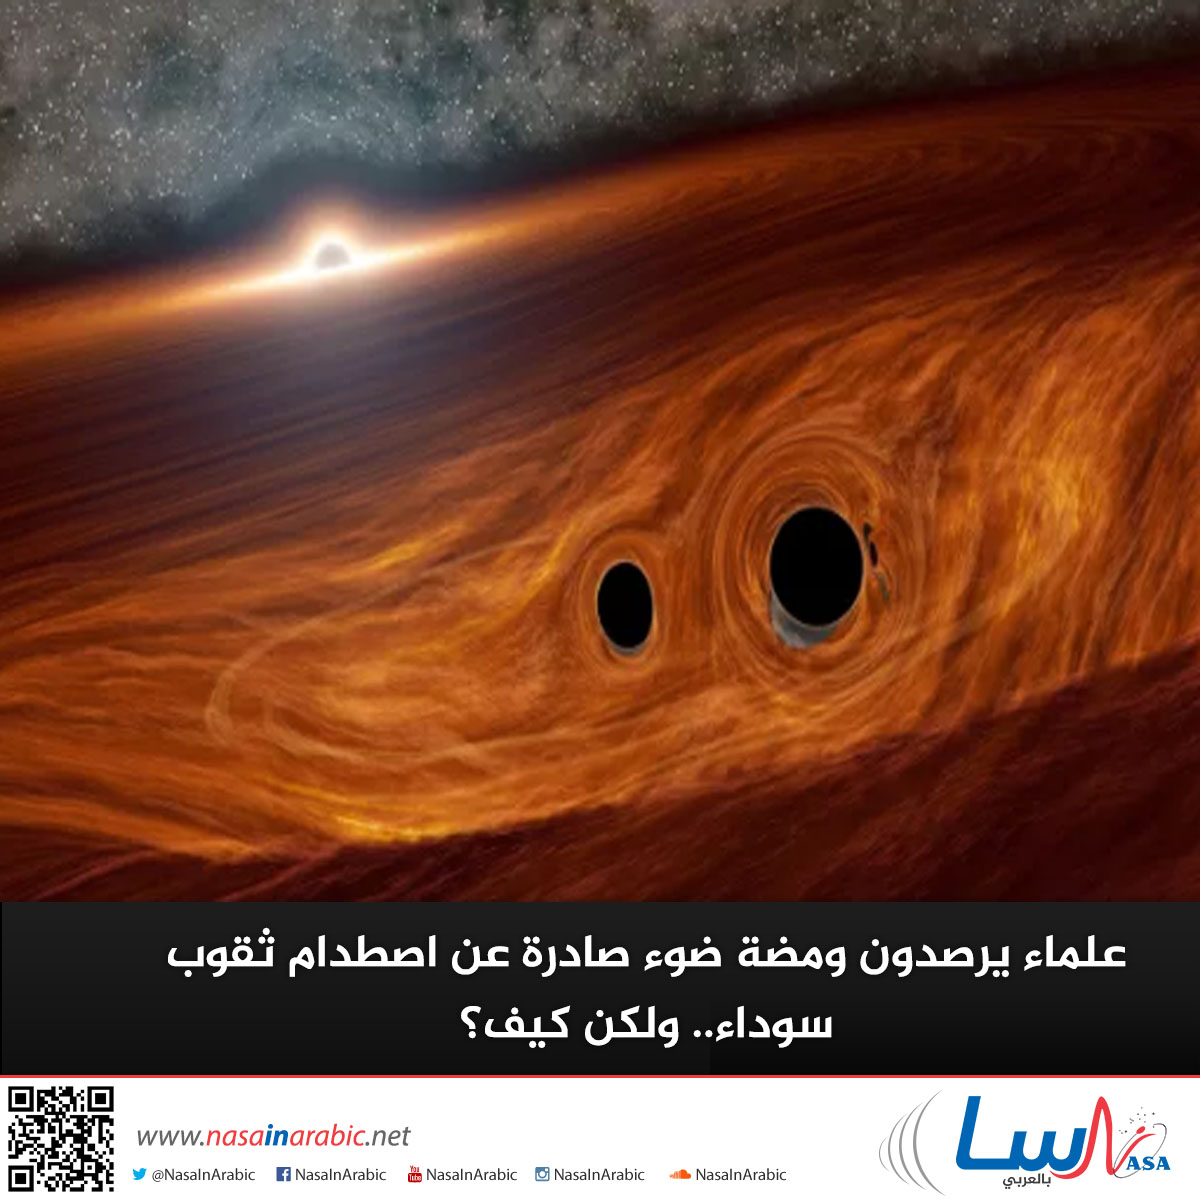 علماء يرصدون ومضة ضوء صادرة عن اصطدام ثقوب سوداء.. ولكن كيف؟